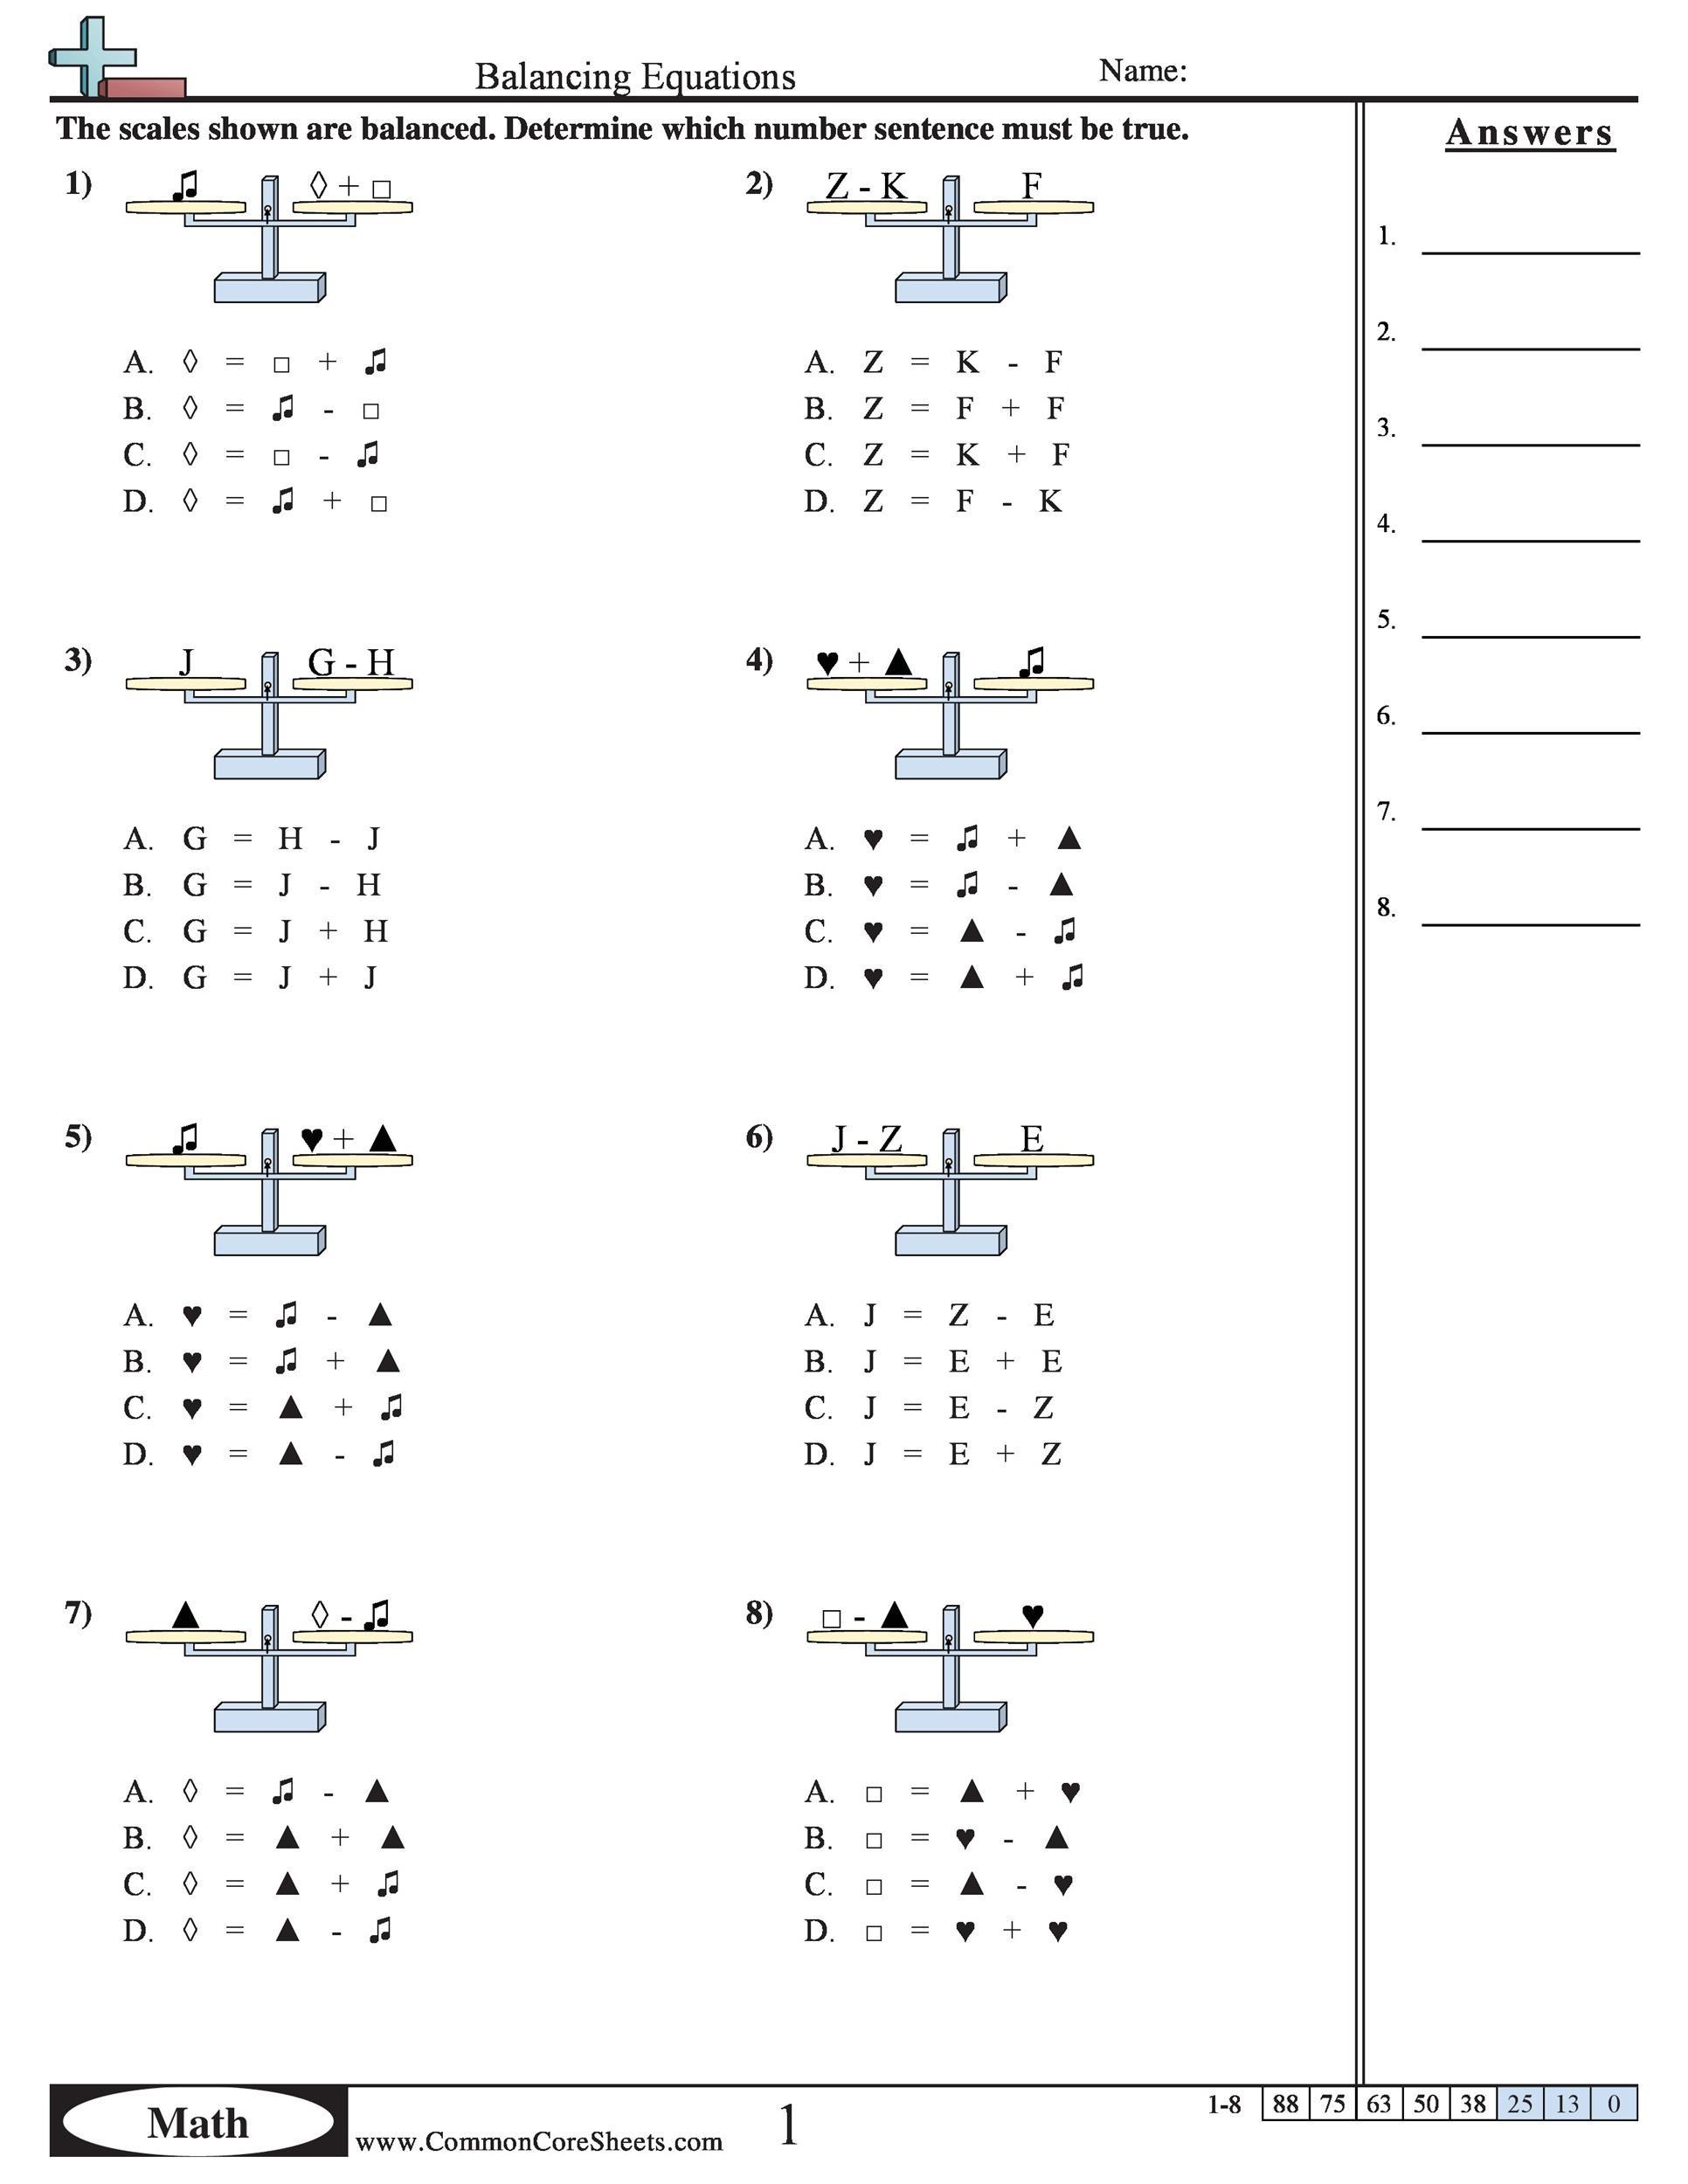 Balancing Equations Worksheet Year 6